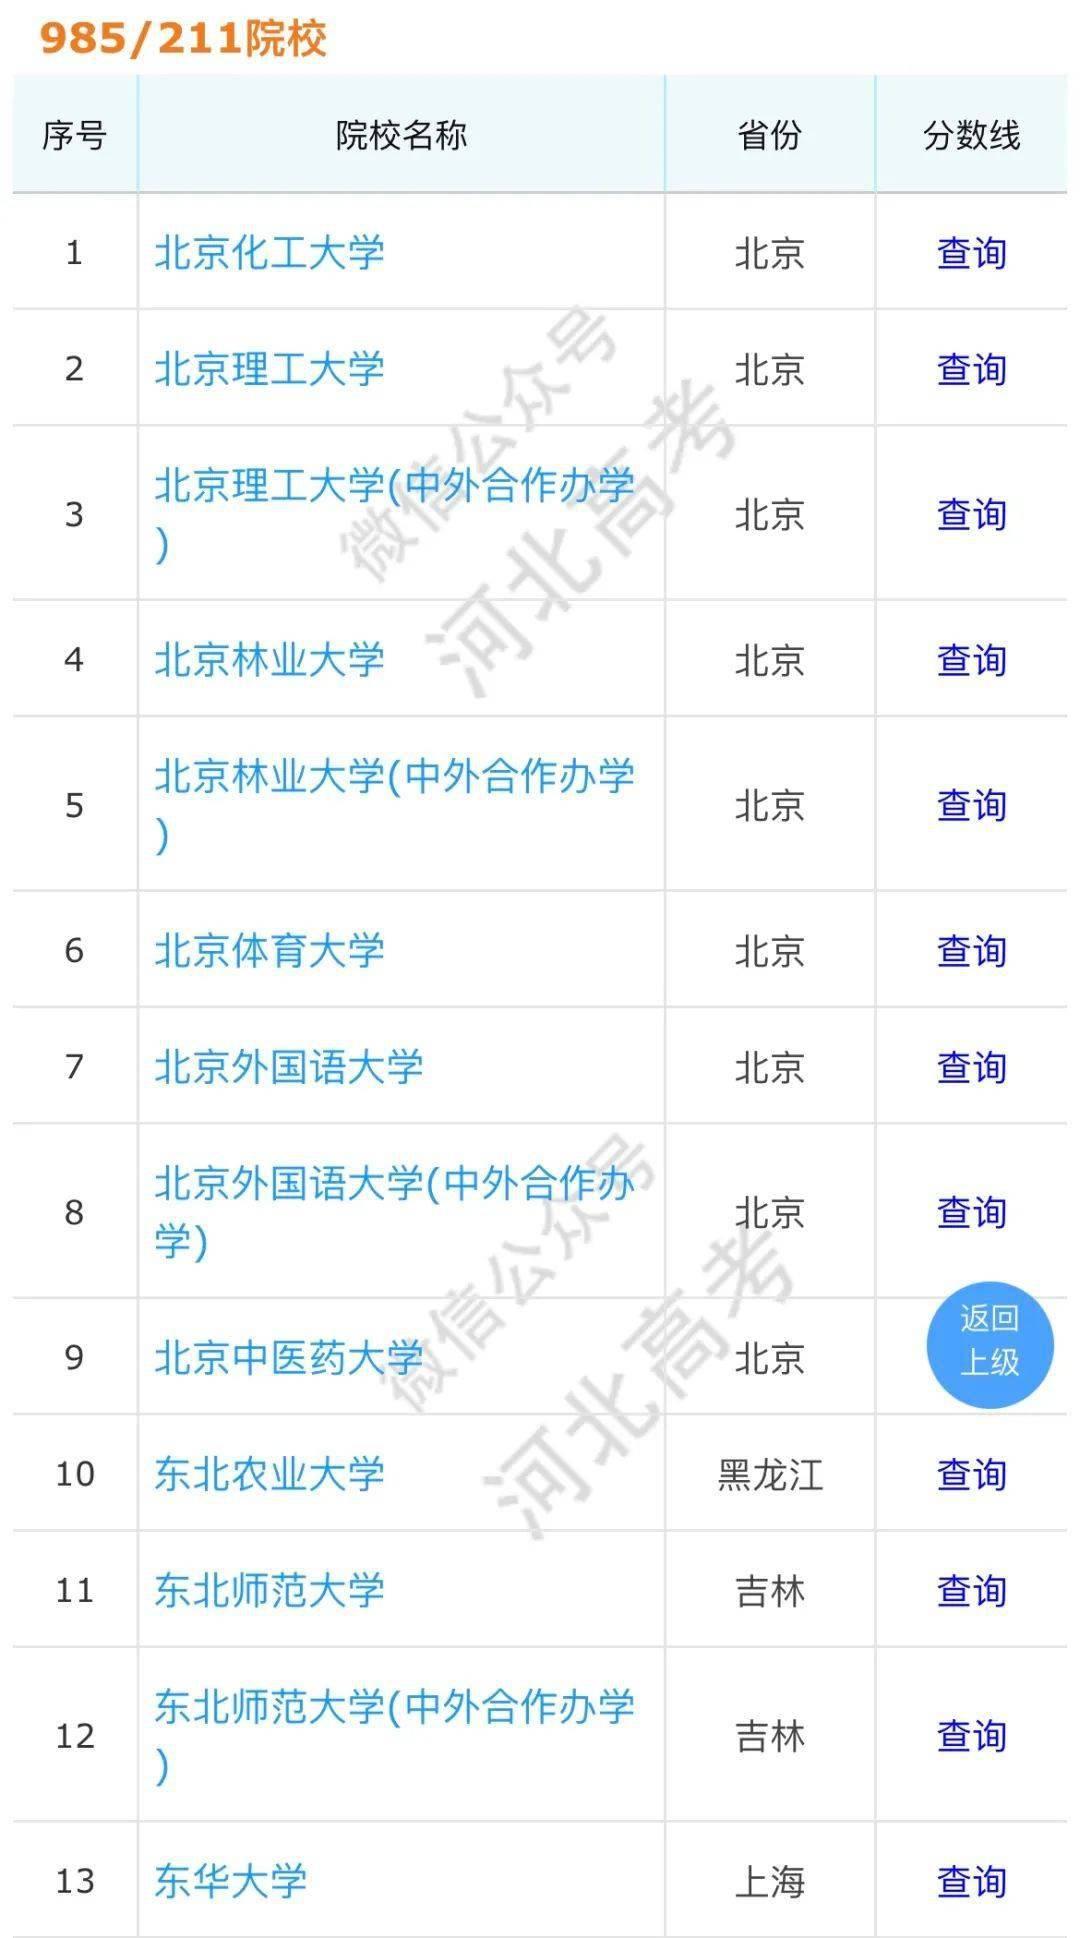 2020河北省高考录取_分数线2020年河北省强基入围线,对比高考统招分数